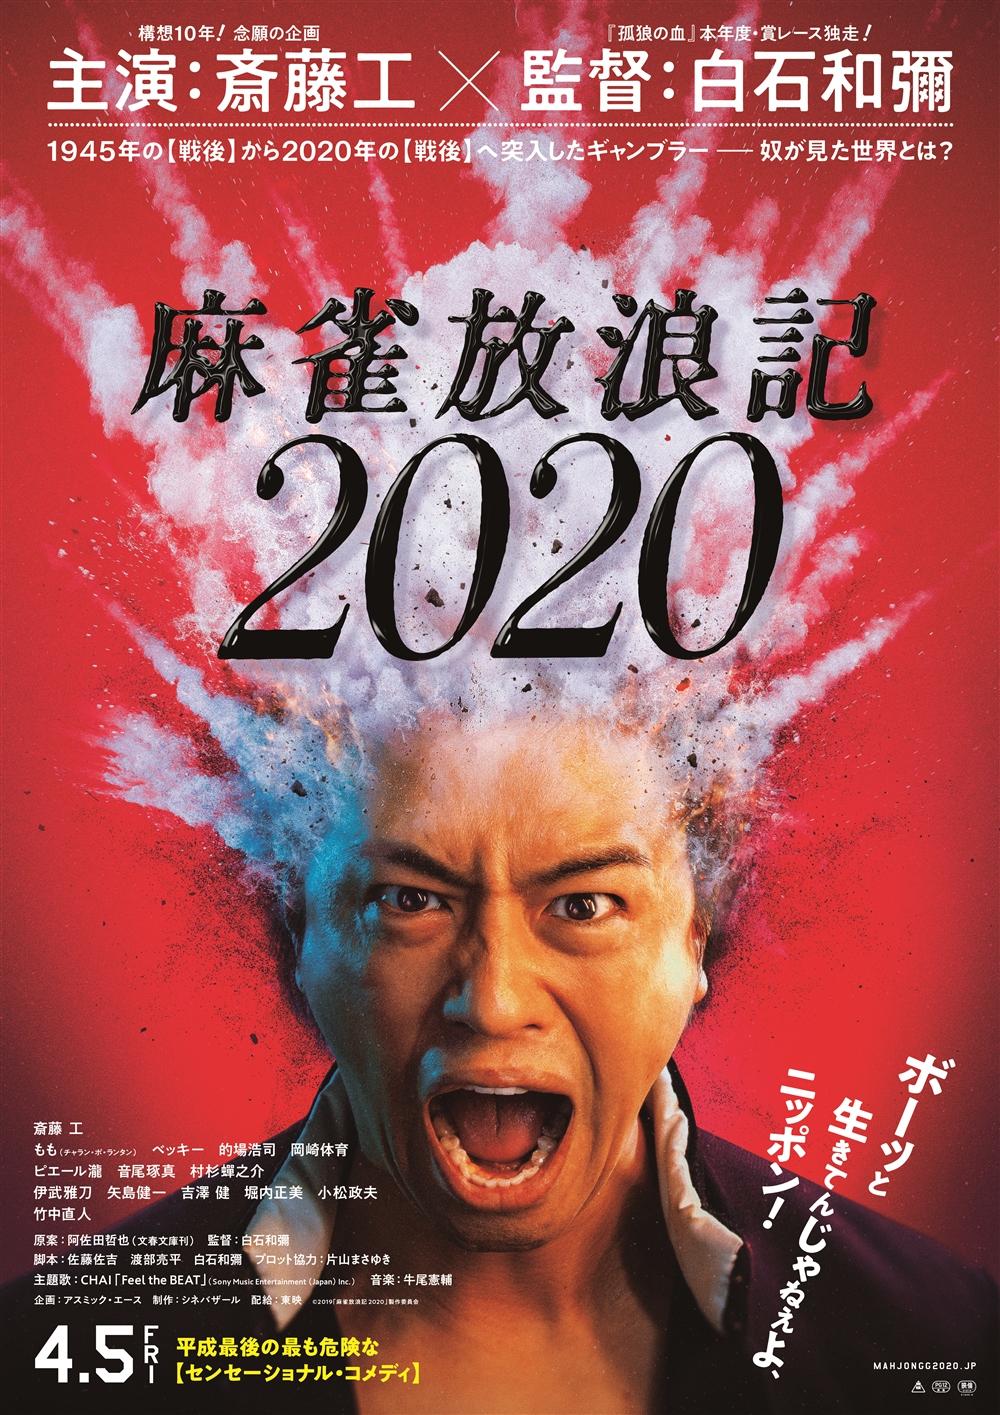 【画像】映画『麻雀放浪記2020』ポスタービジュアル